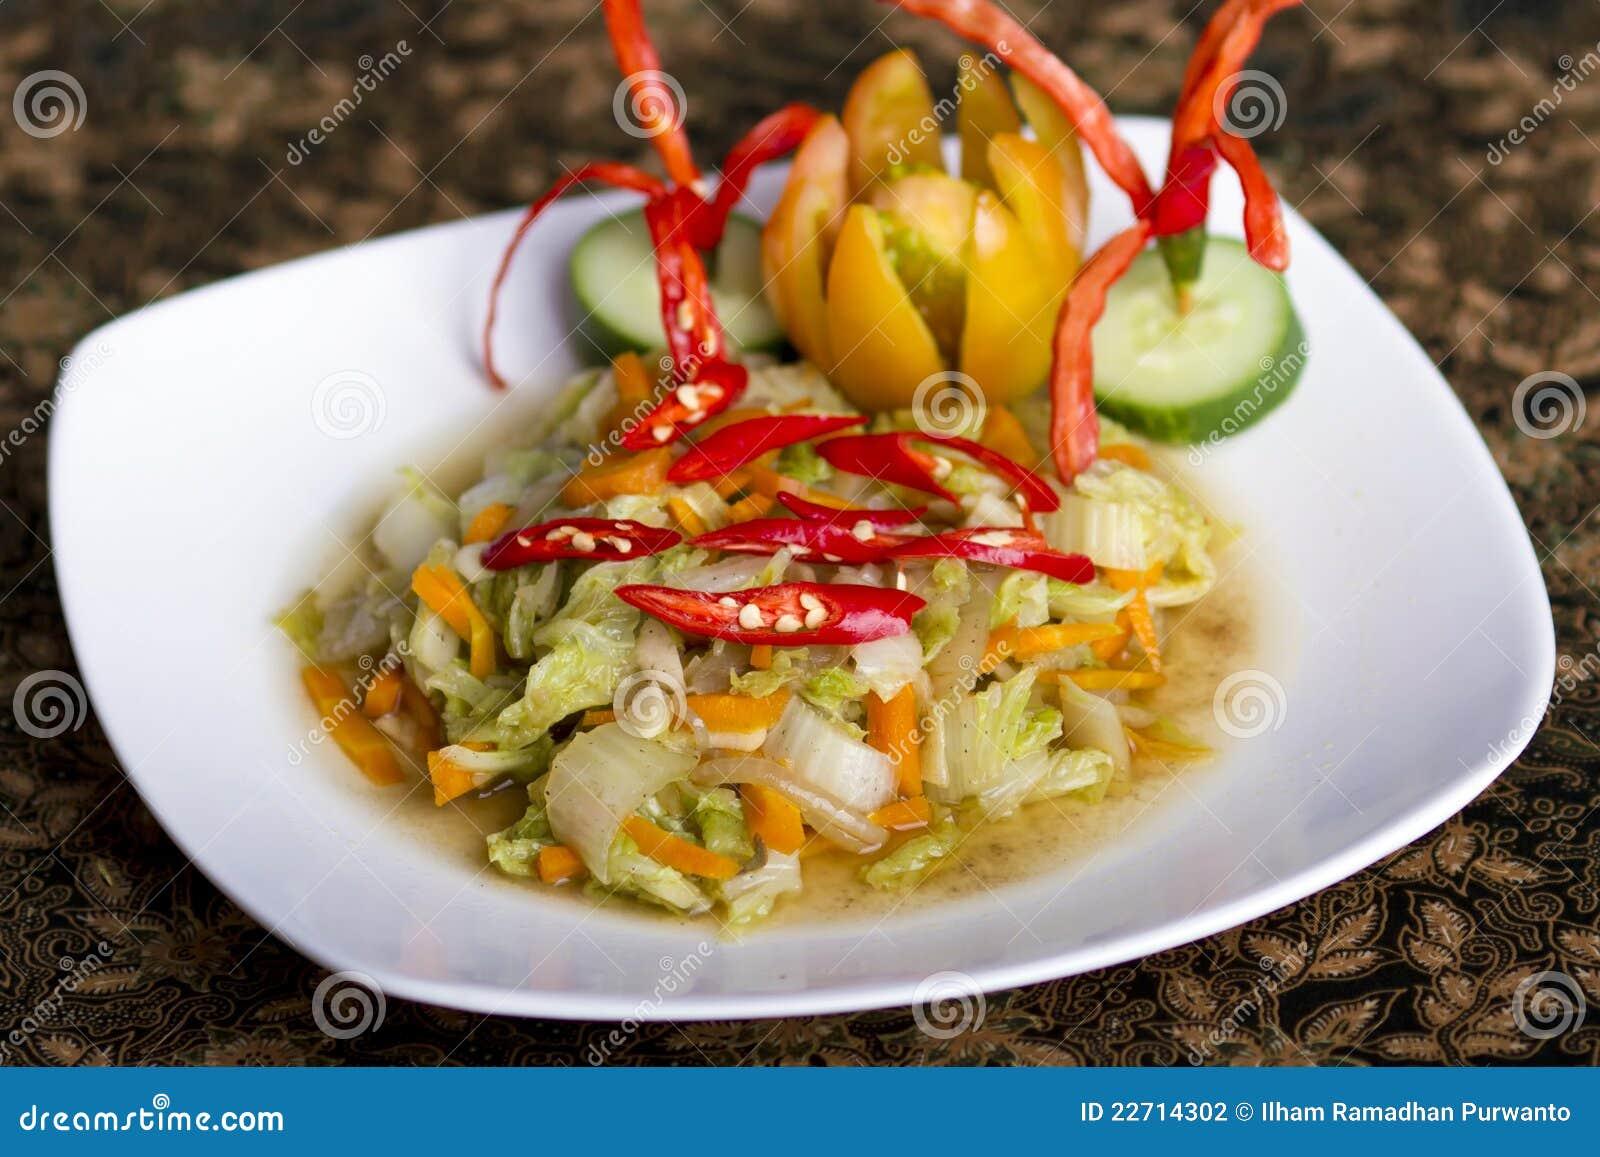 Platos vegetales picantes